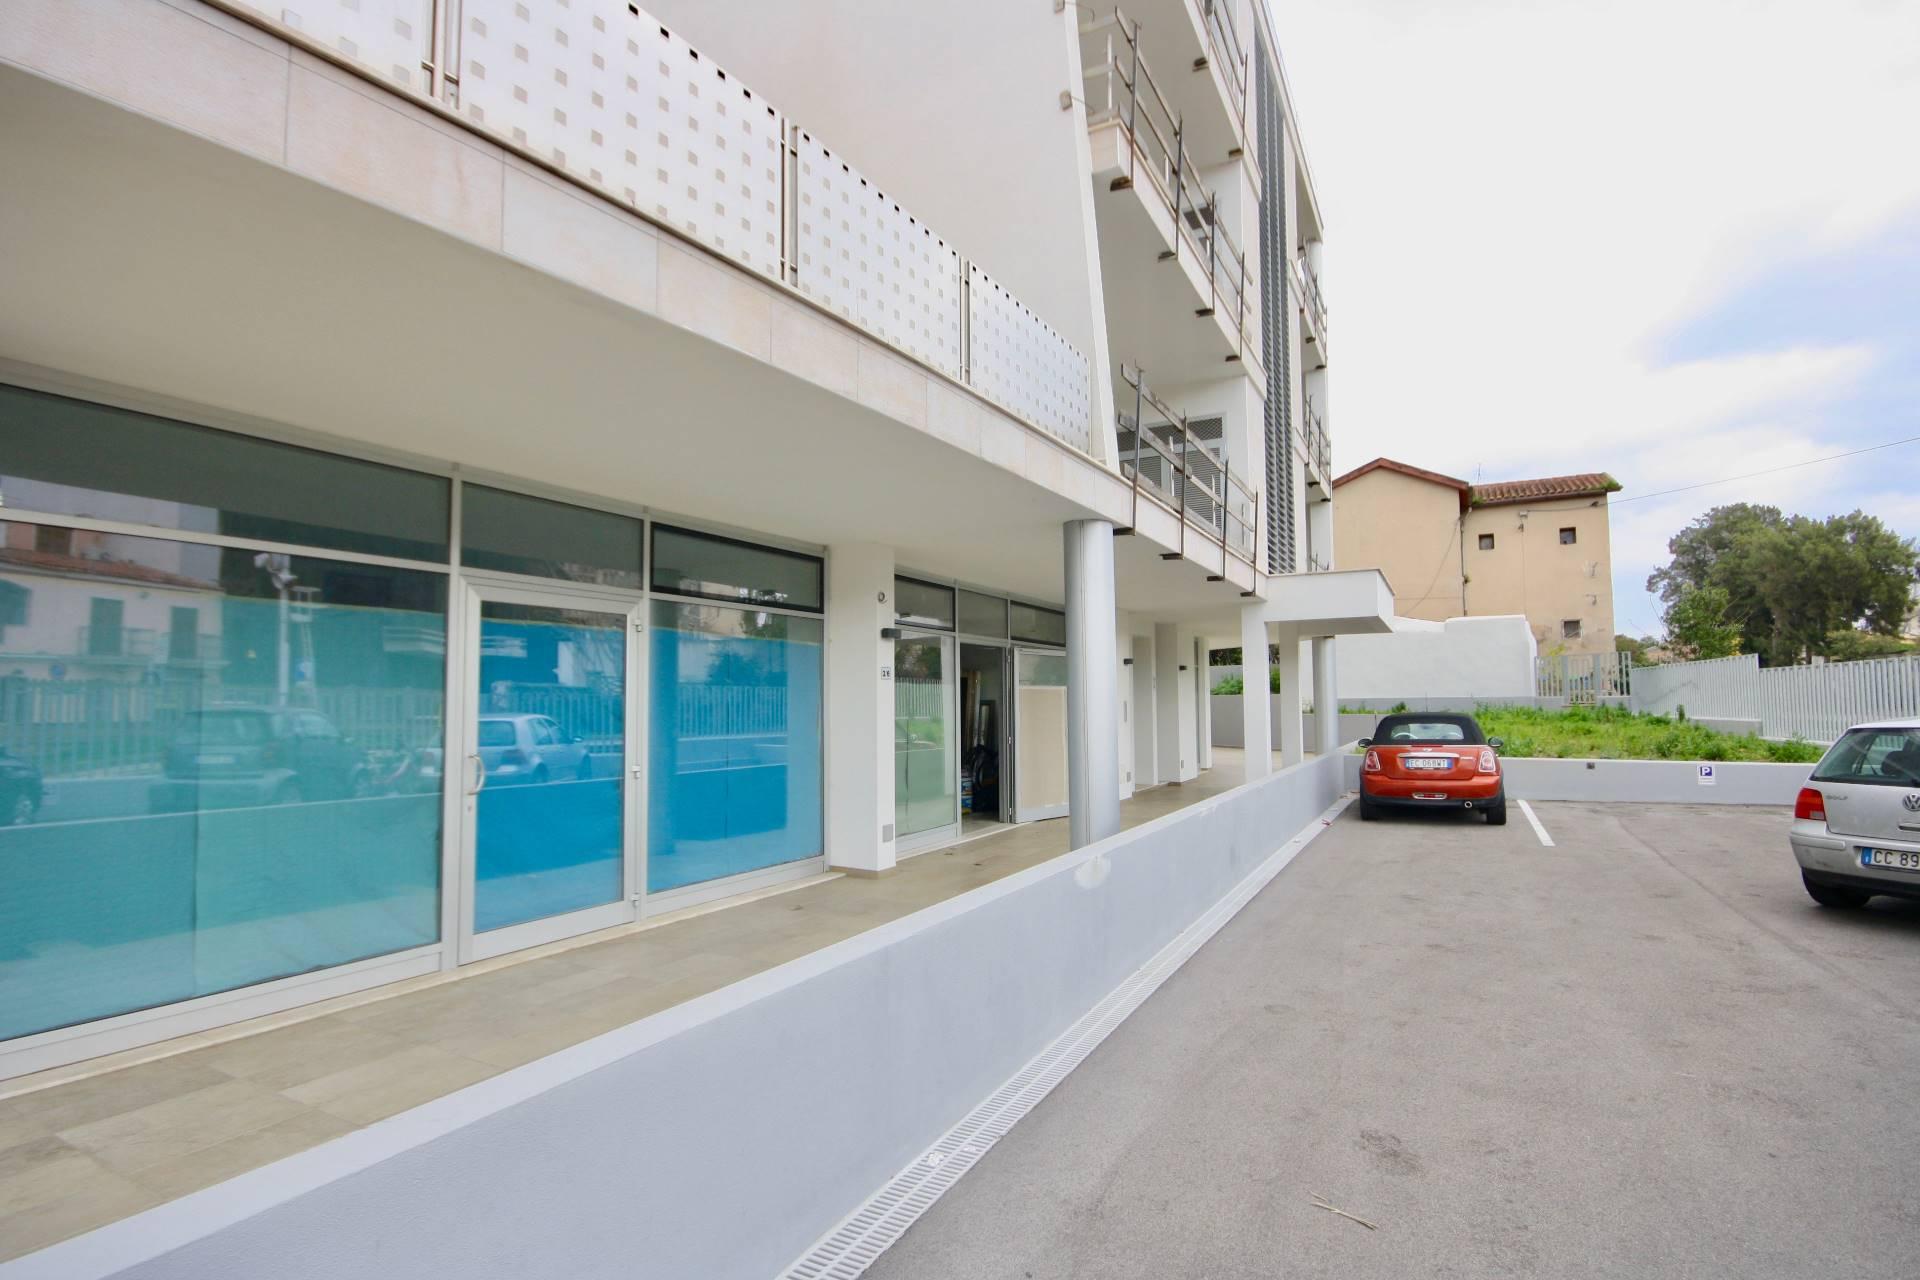 Negozio / Locale in vendita a Olbia - Porto Rotondo, 9999 locali, zona Località: Olbiacittà, prezzo € 250.000 | CambioCasa.it